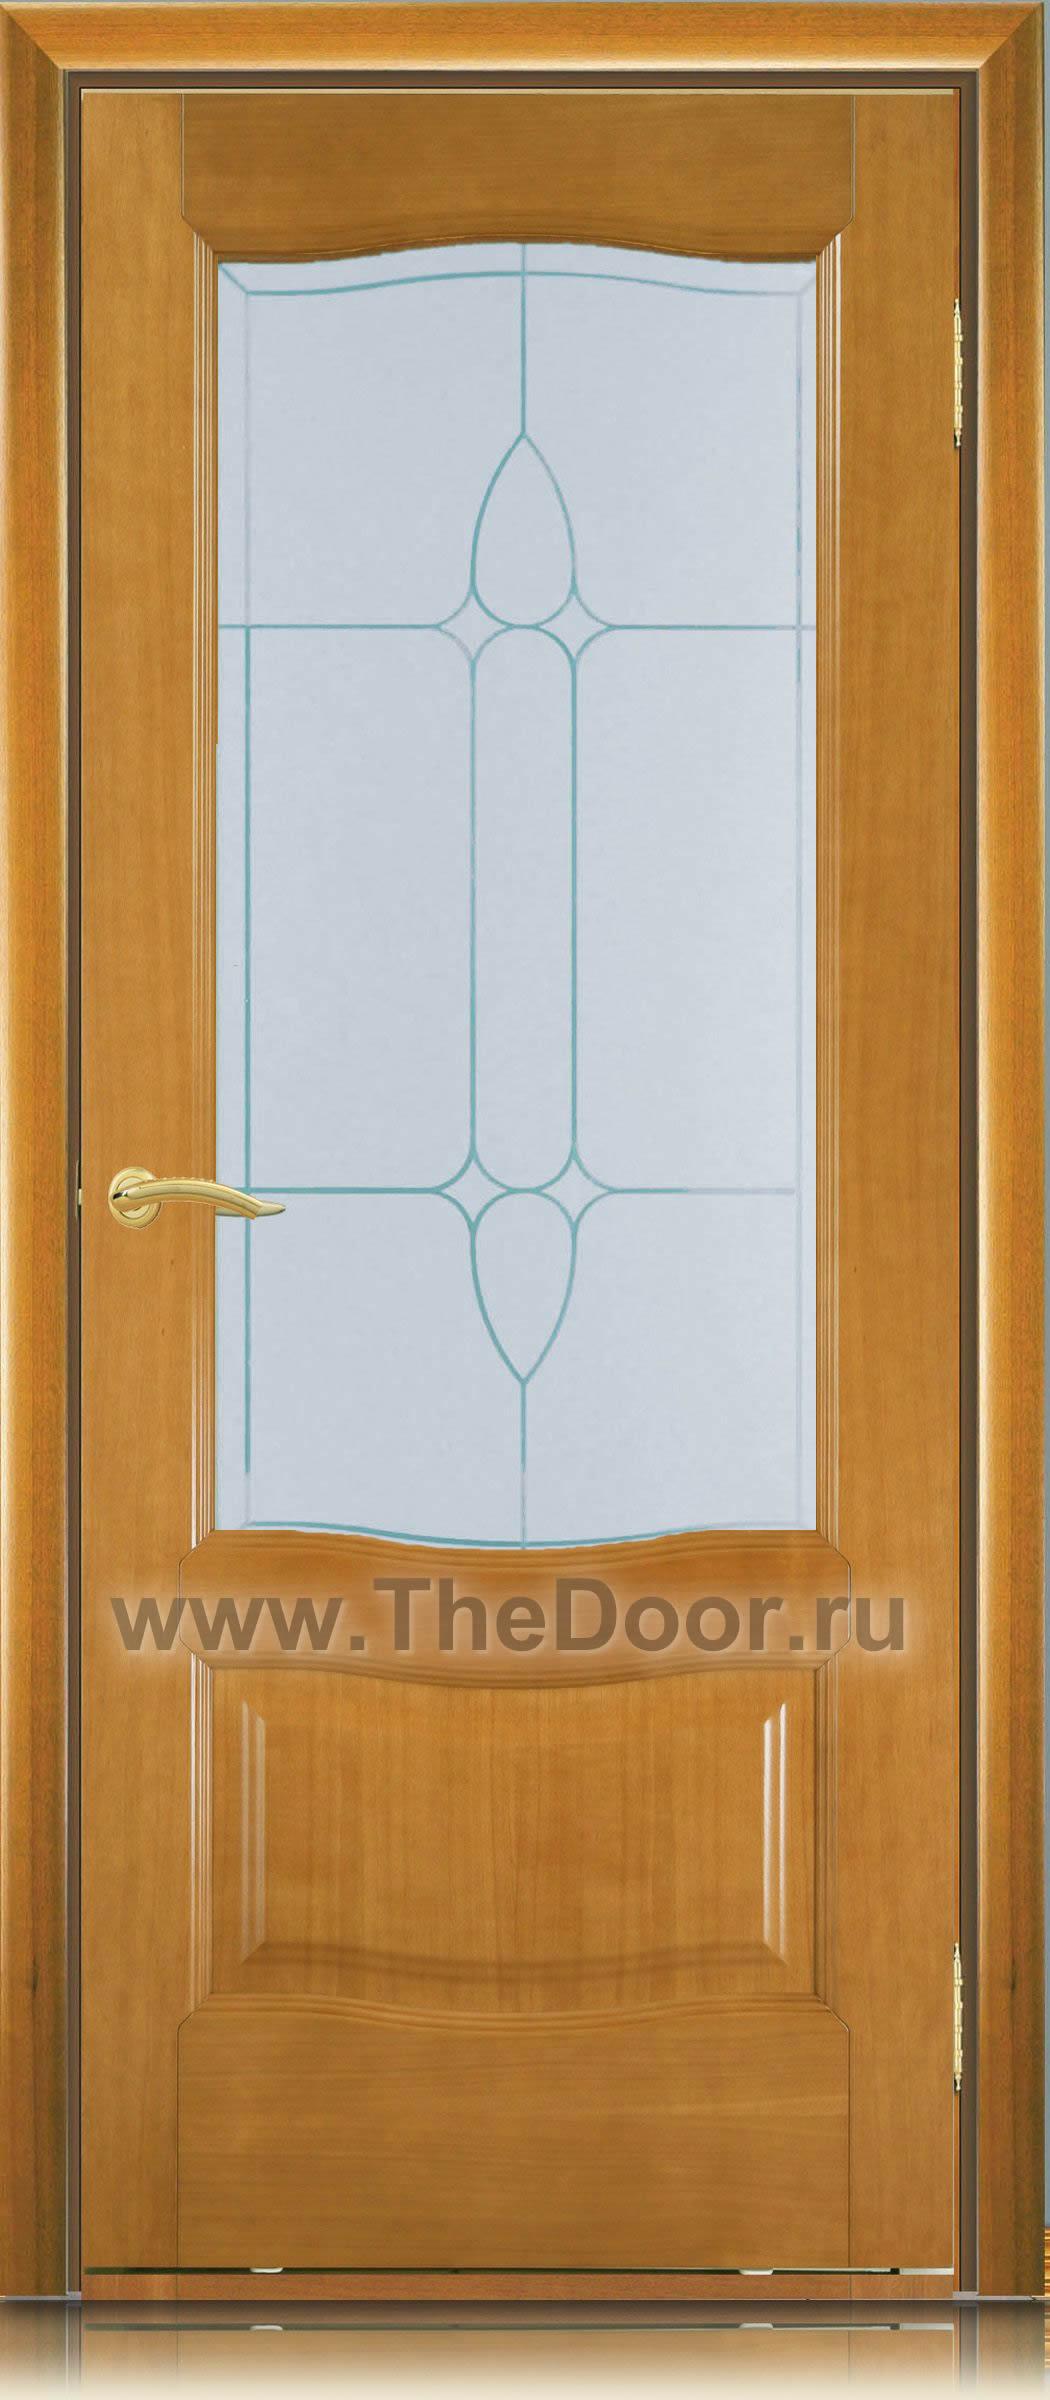 Входные двери вфд